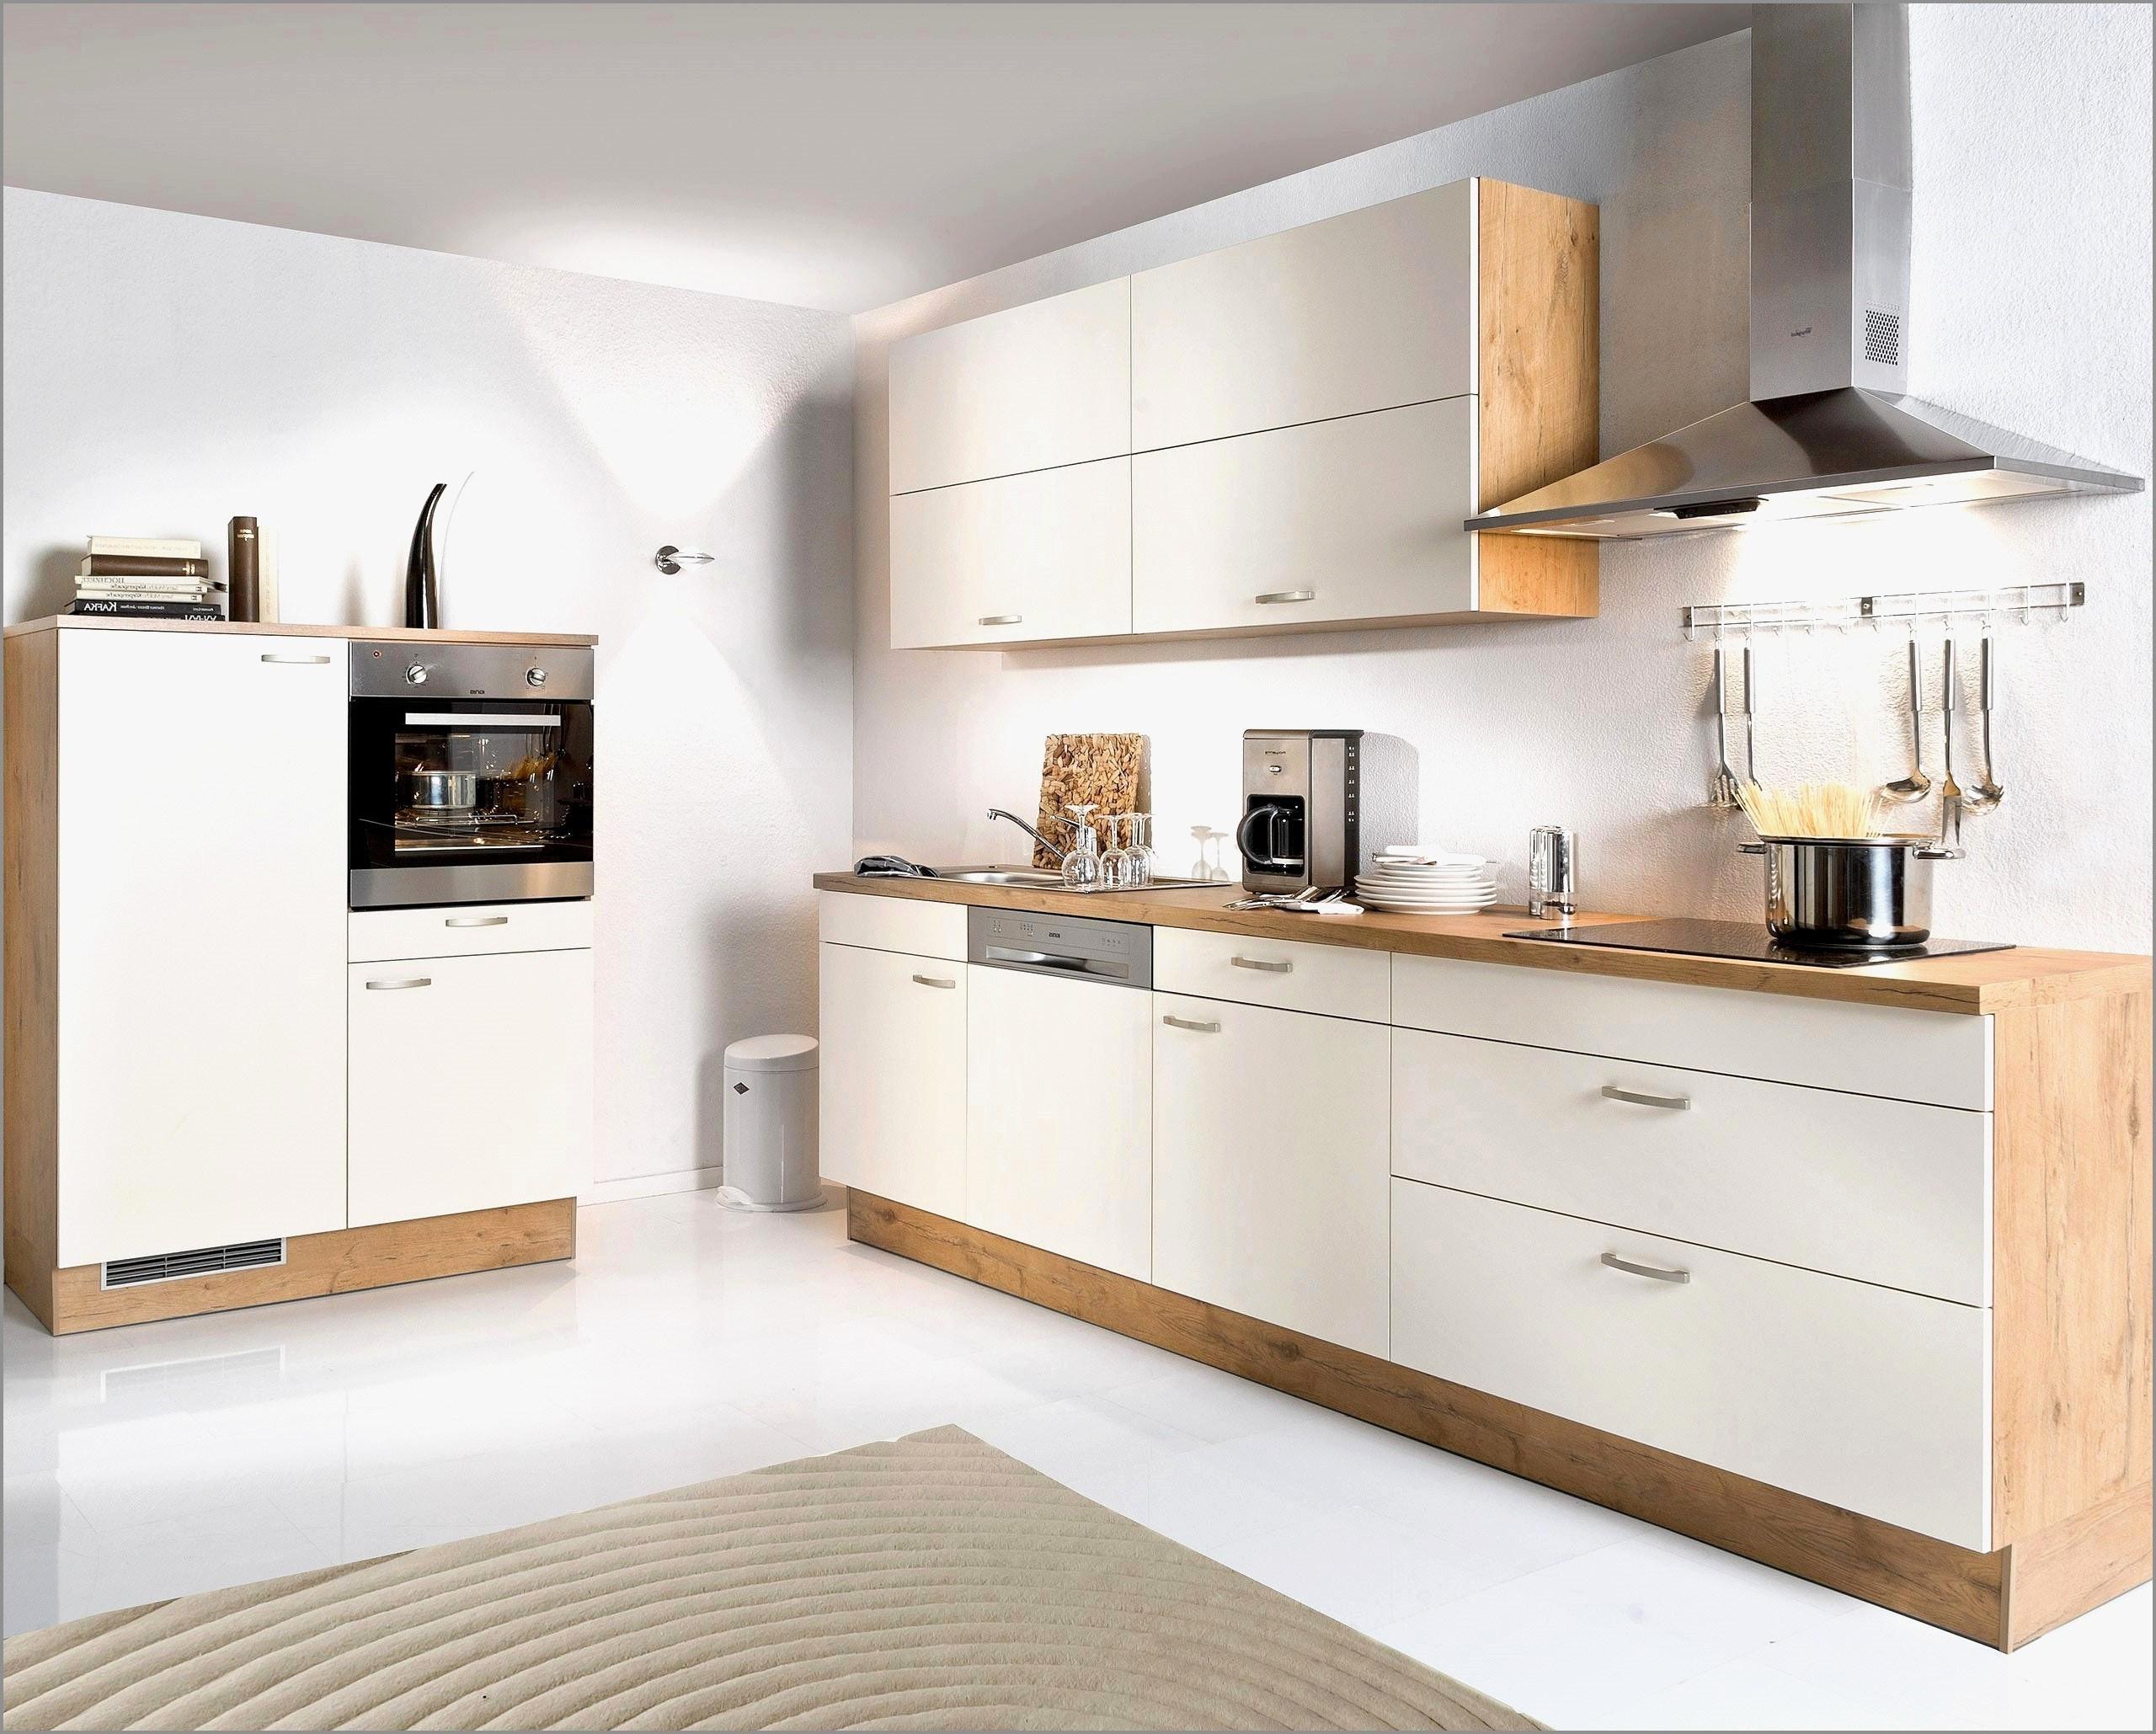 Full Size of Ikea Vorratsschrank Kche Hngeschrank Badezimmer Oberschrank Betten 160x200 Küche Kaufen Kosten Modulküche Sofa Mit Schlaffunktion Miniküche Bei Wohnzimmer Ikea Vorratsschrank